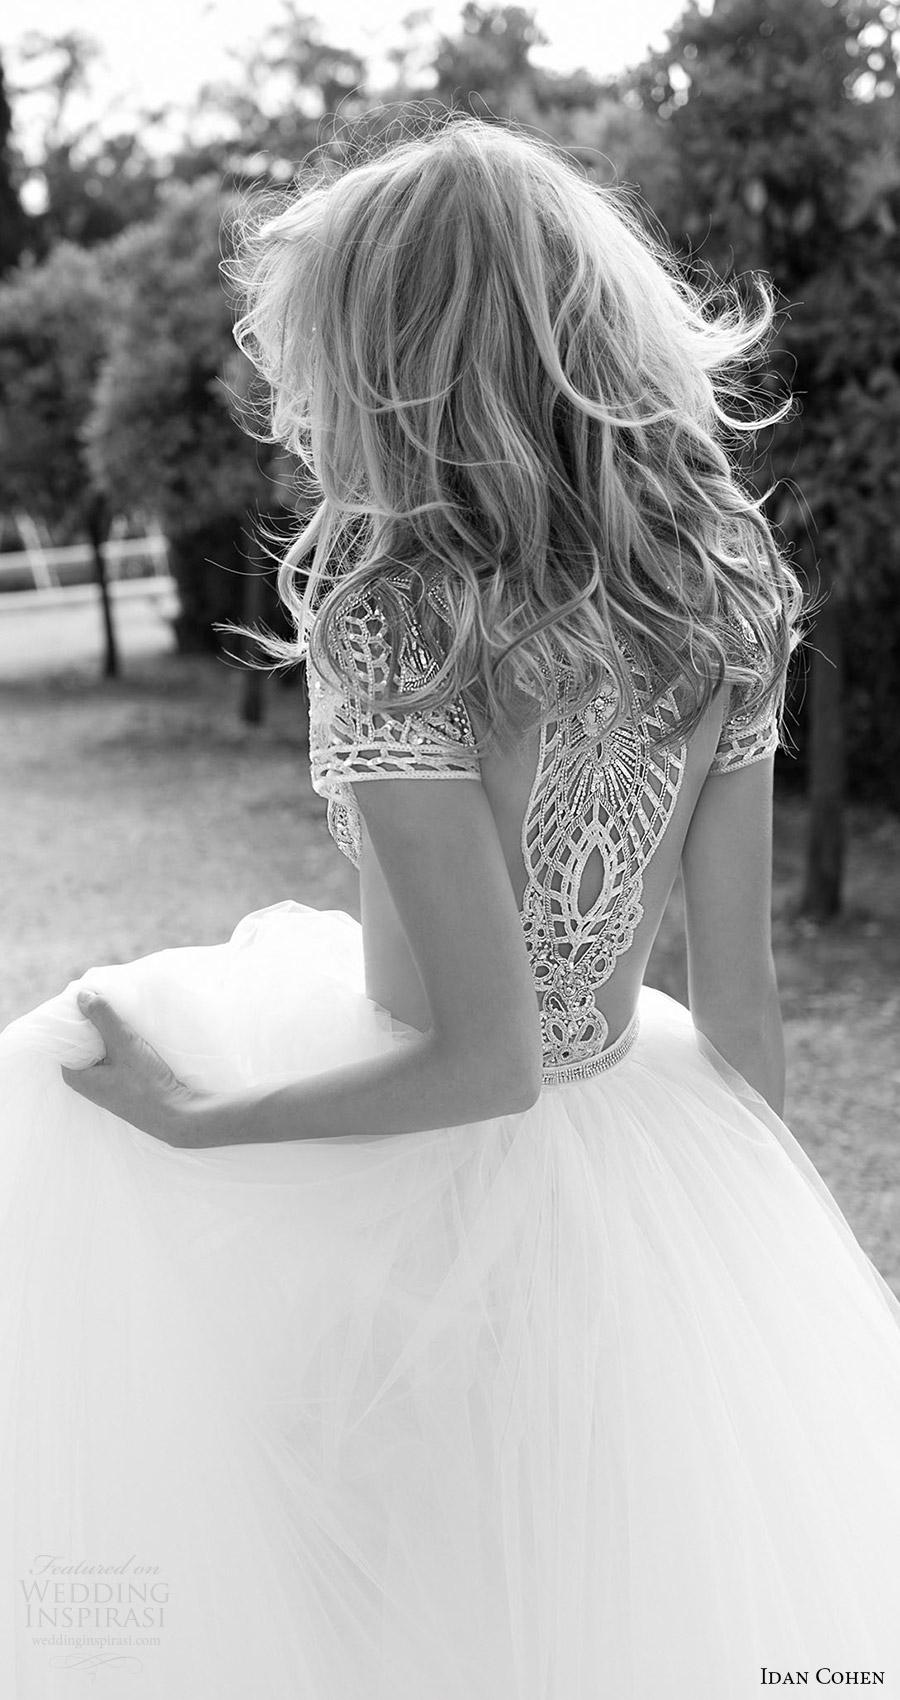 Idan Cohen nupcial 2017 del vestido de boda del vestido de bola moldeado del cuello de la manga casquillo joya corpiño (Carla el río) ZBV ilusión volver